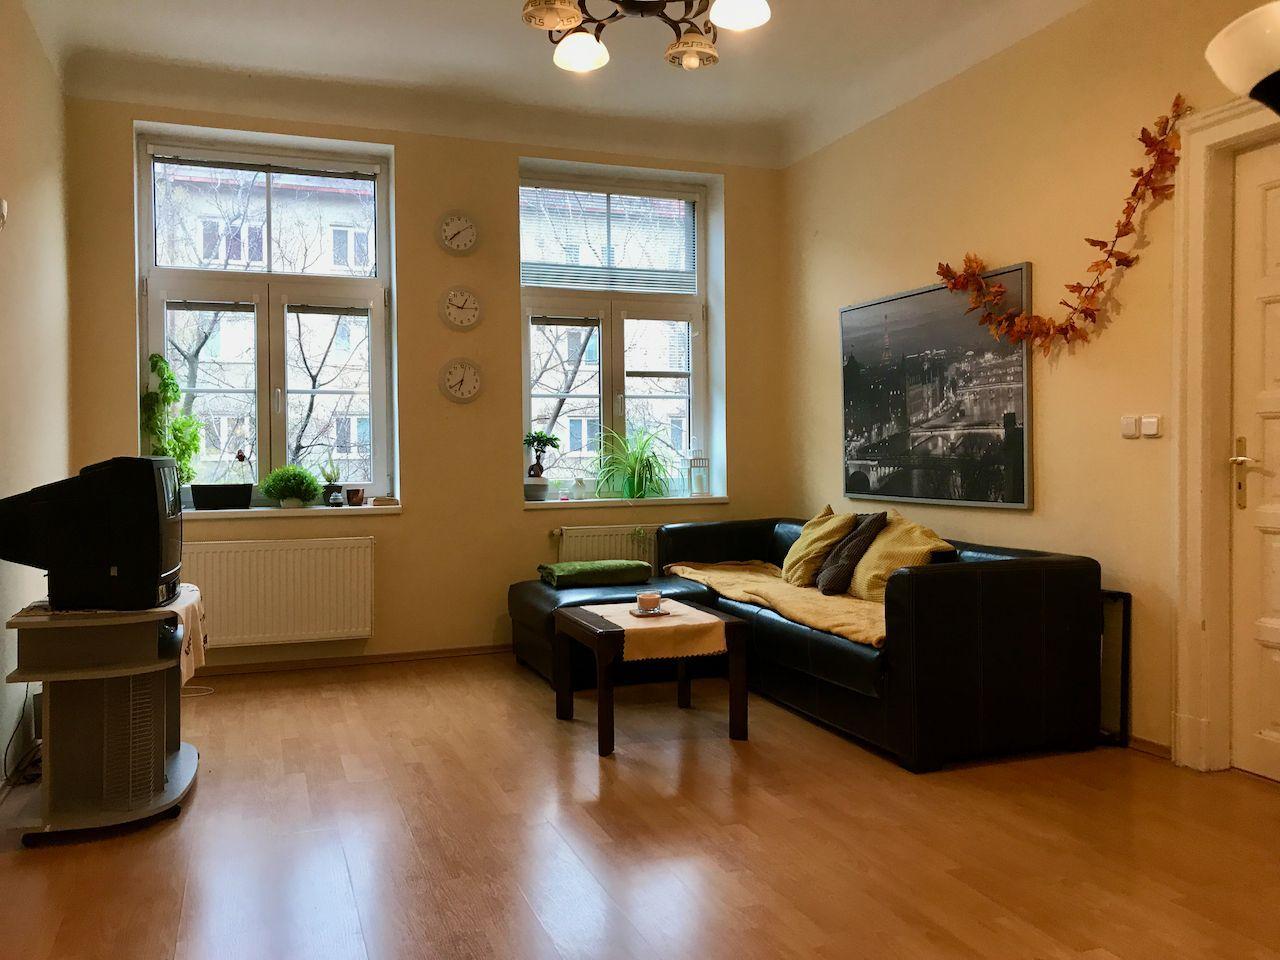 4-izbový byt-Predaj-Bratislava - mestská časť Nové Mesto-339 000 €